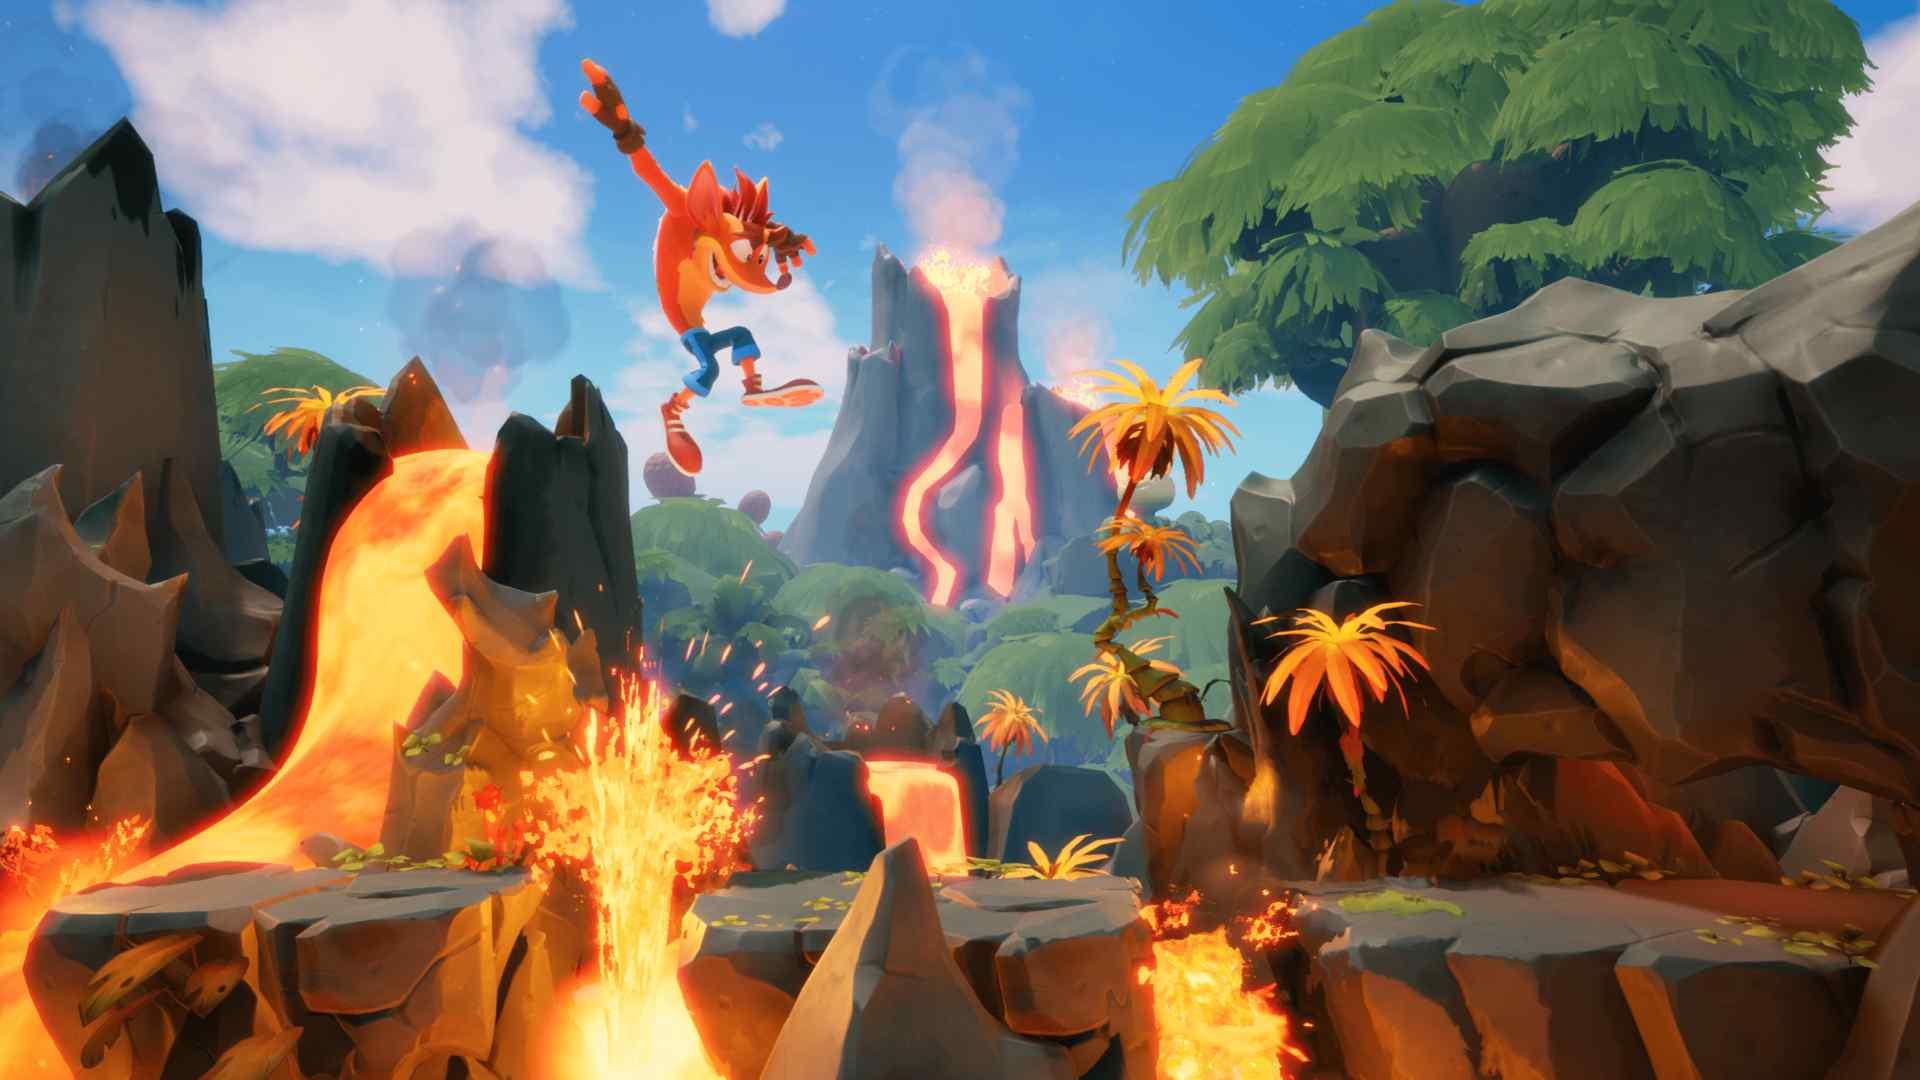 Ilustração do jogo Crash Bandicoot 4 mostrando o protagonista saltando por uma fase que se passa em um vulcão